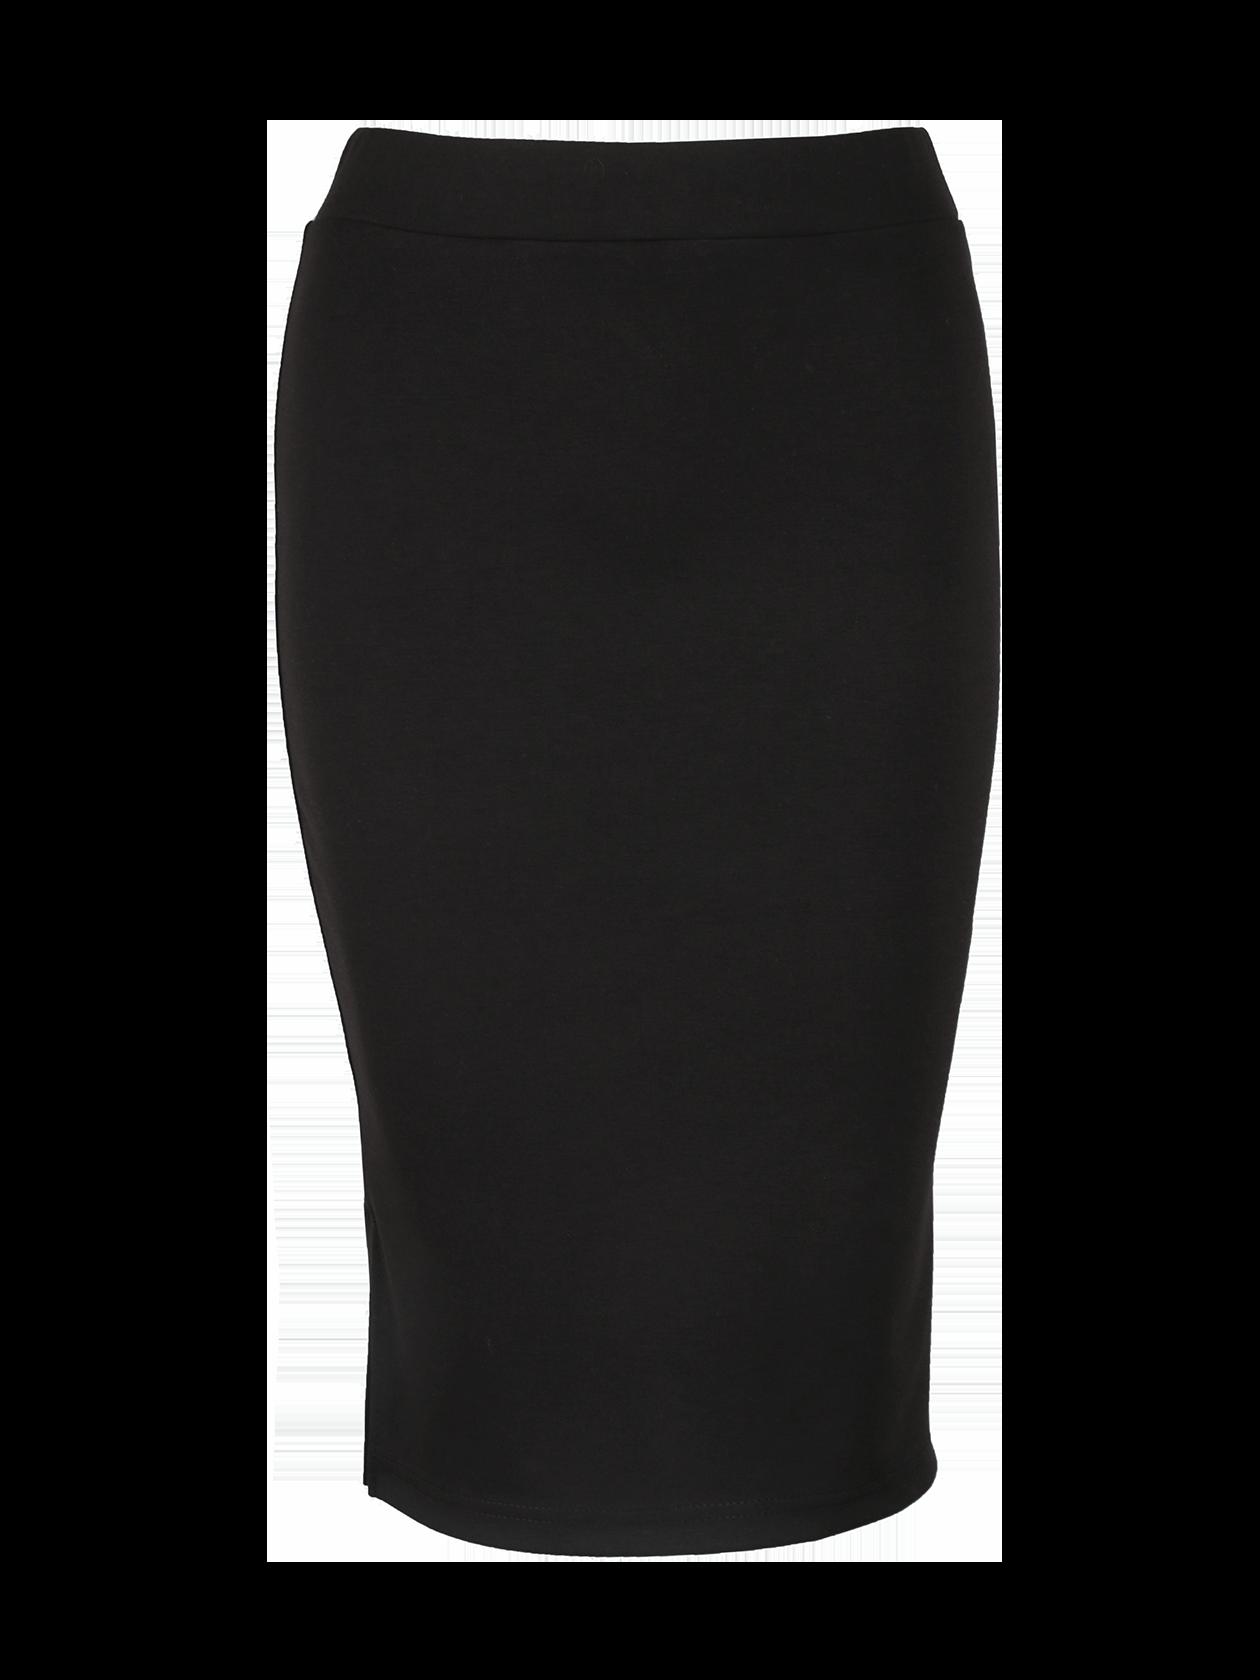 Юбка женская ROYALTY SKINNYЮбка женская Royalty Skinny – идеальное решение для создания стиля на каждый день. Модель классического силуэта «карандаш» с облегающим кроем и длиной по колено. Пояс оформлен широким эластичным трикотажем. Изделие представлено в базовом черном цвете, выполнено из высококачественного материала. Юбка от Black Star Wear комбинируется с различной обувью и одеждой, подходит для работы, прогулок и отдыха.<br><br>Размер: S<br>Цвет: Черный<br>Пол: Женский